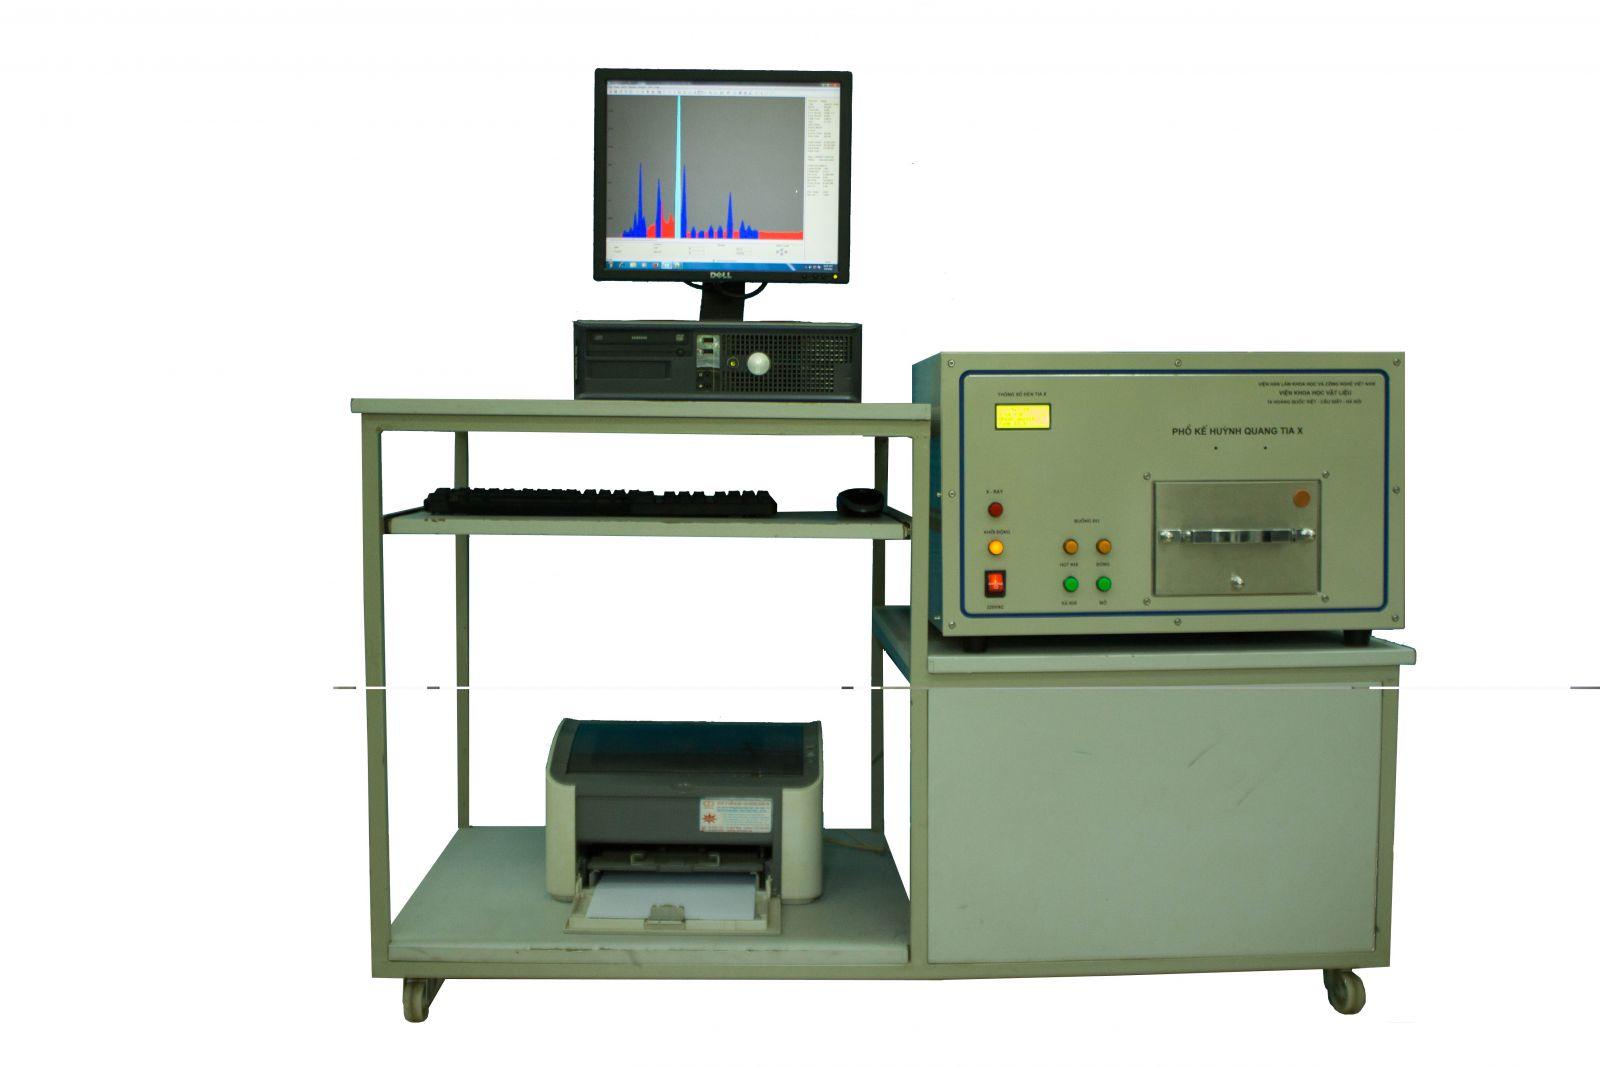 Máy phân tích nhanh thành phần hóa học của vật liệu VietSpace 5008